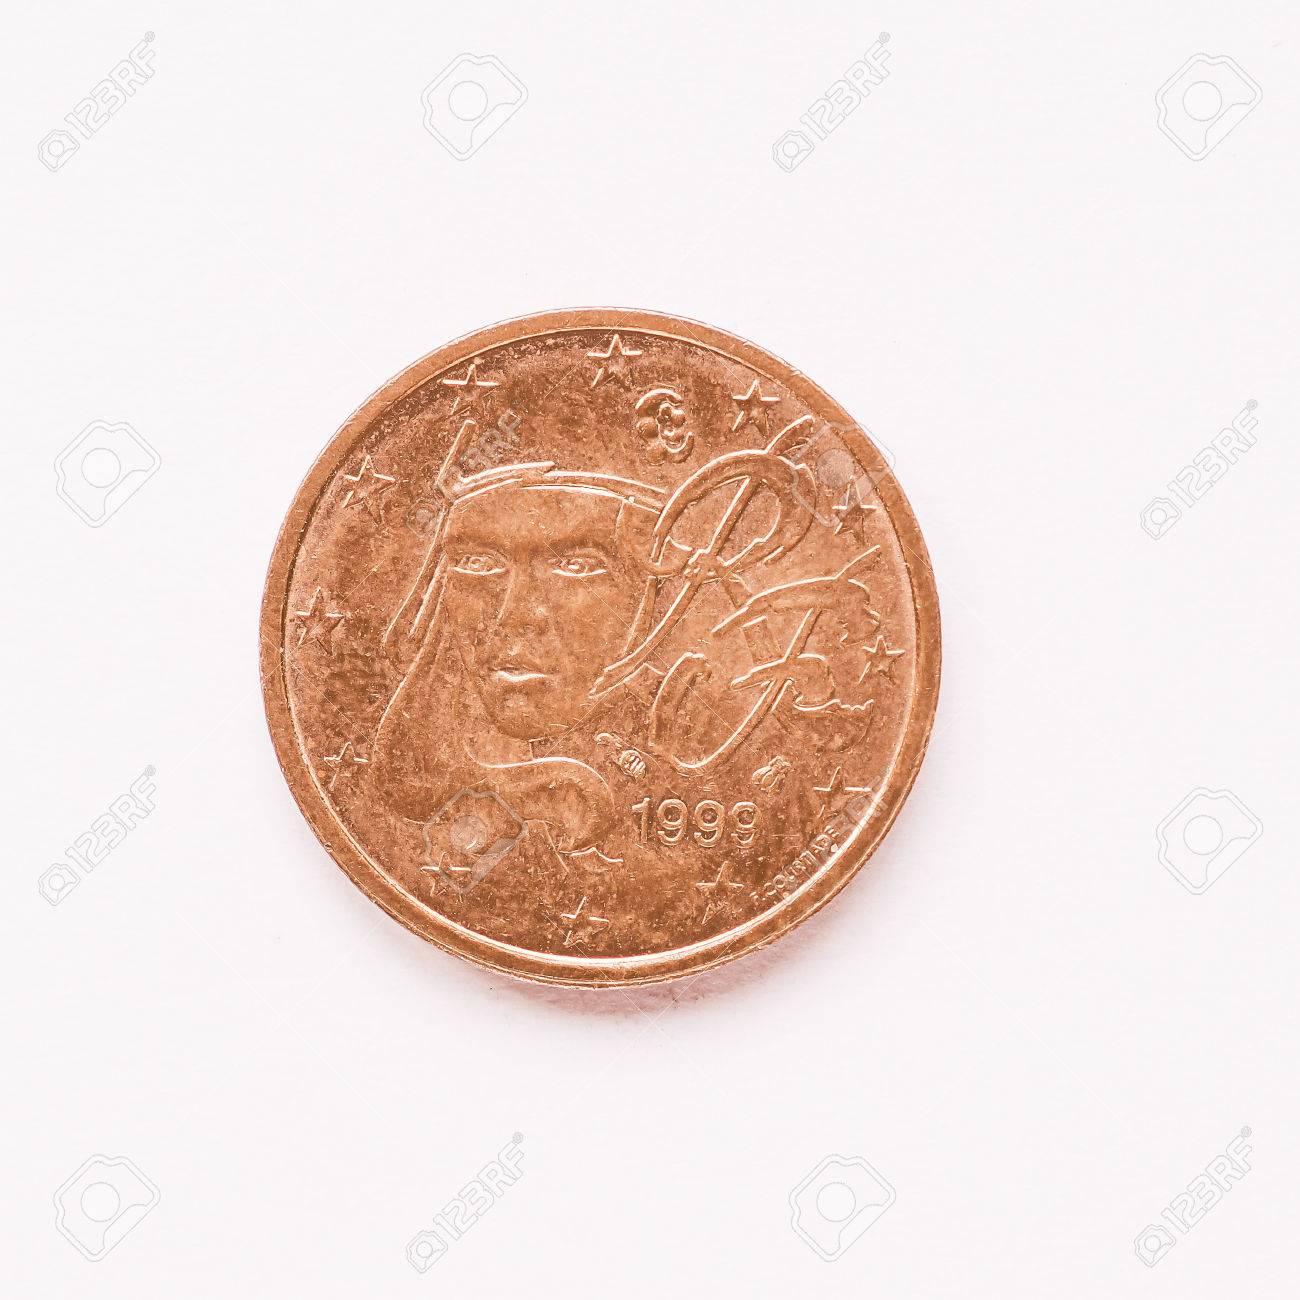 Währung Europa 2 Cent Münze Aus Frankreich Jahrgang Lizenzfreie